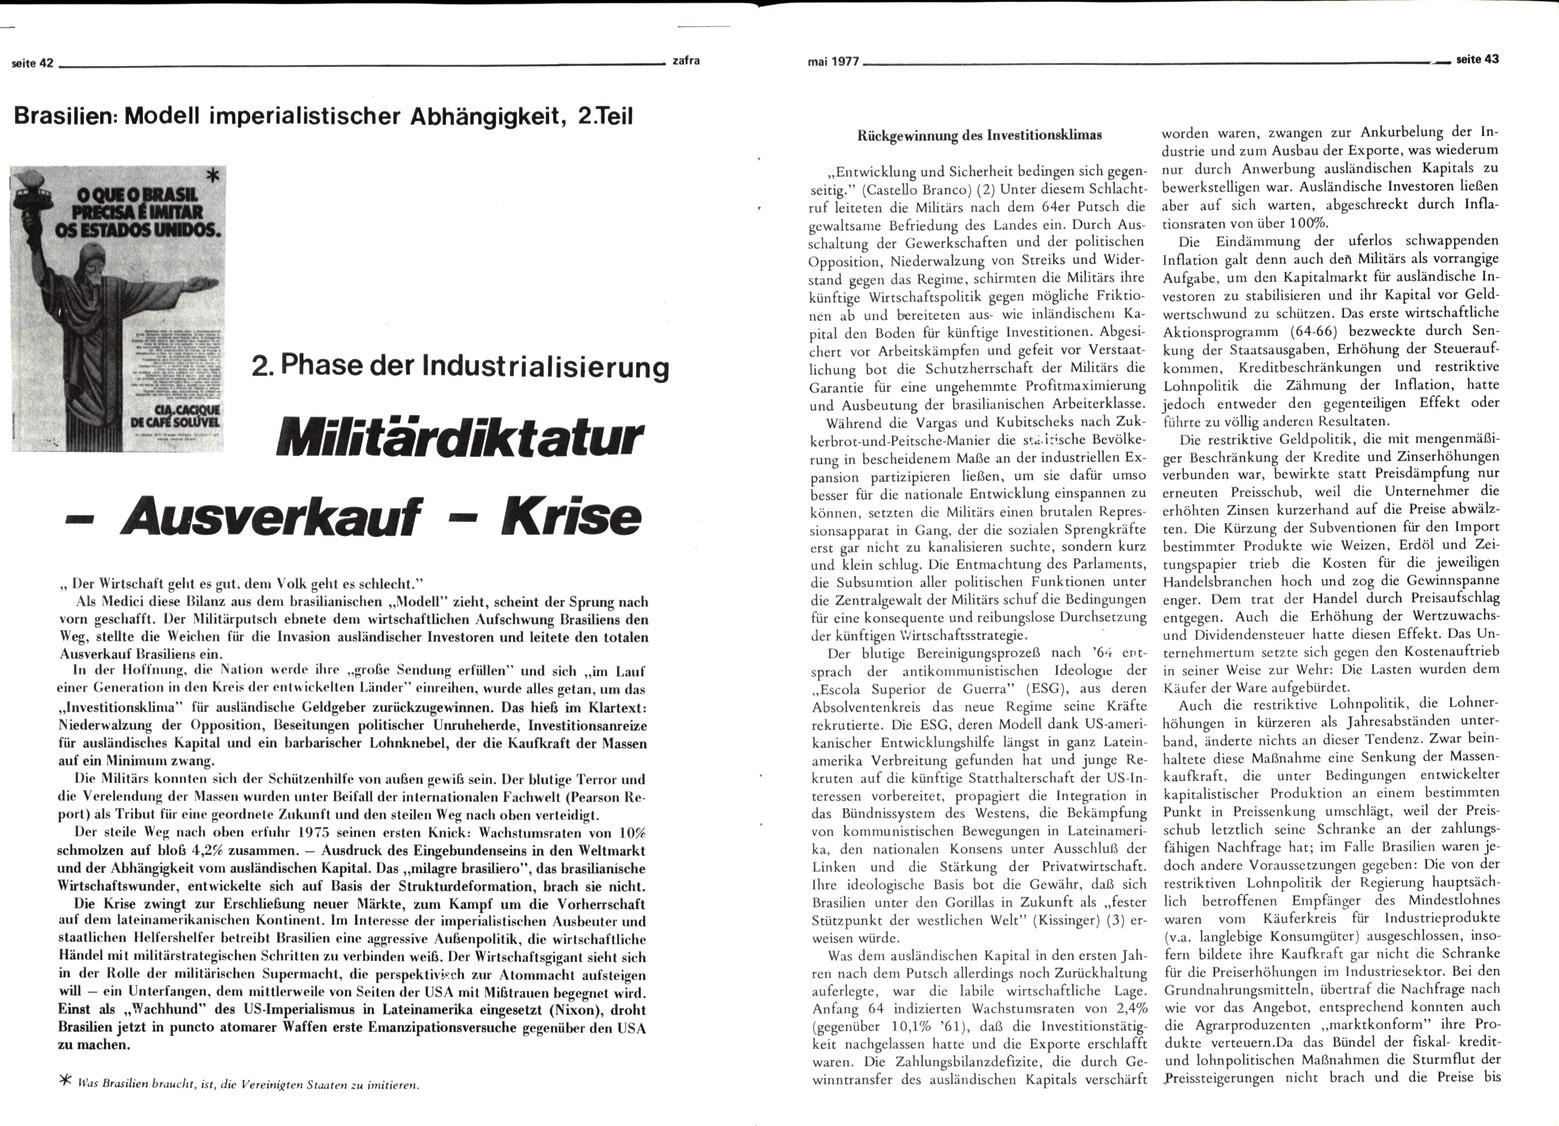 Bonn_ZAFRA_04_19770600_22